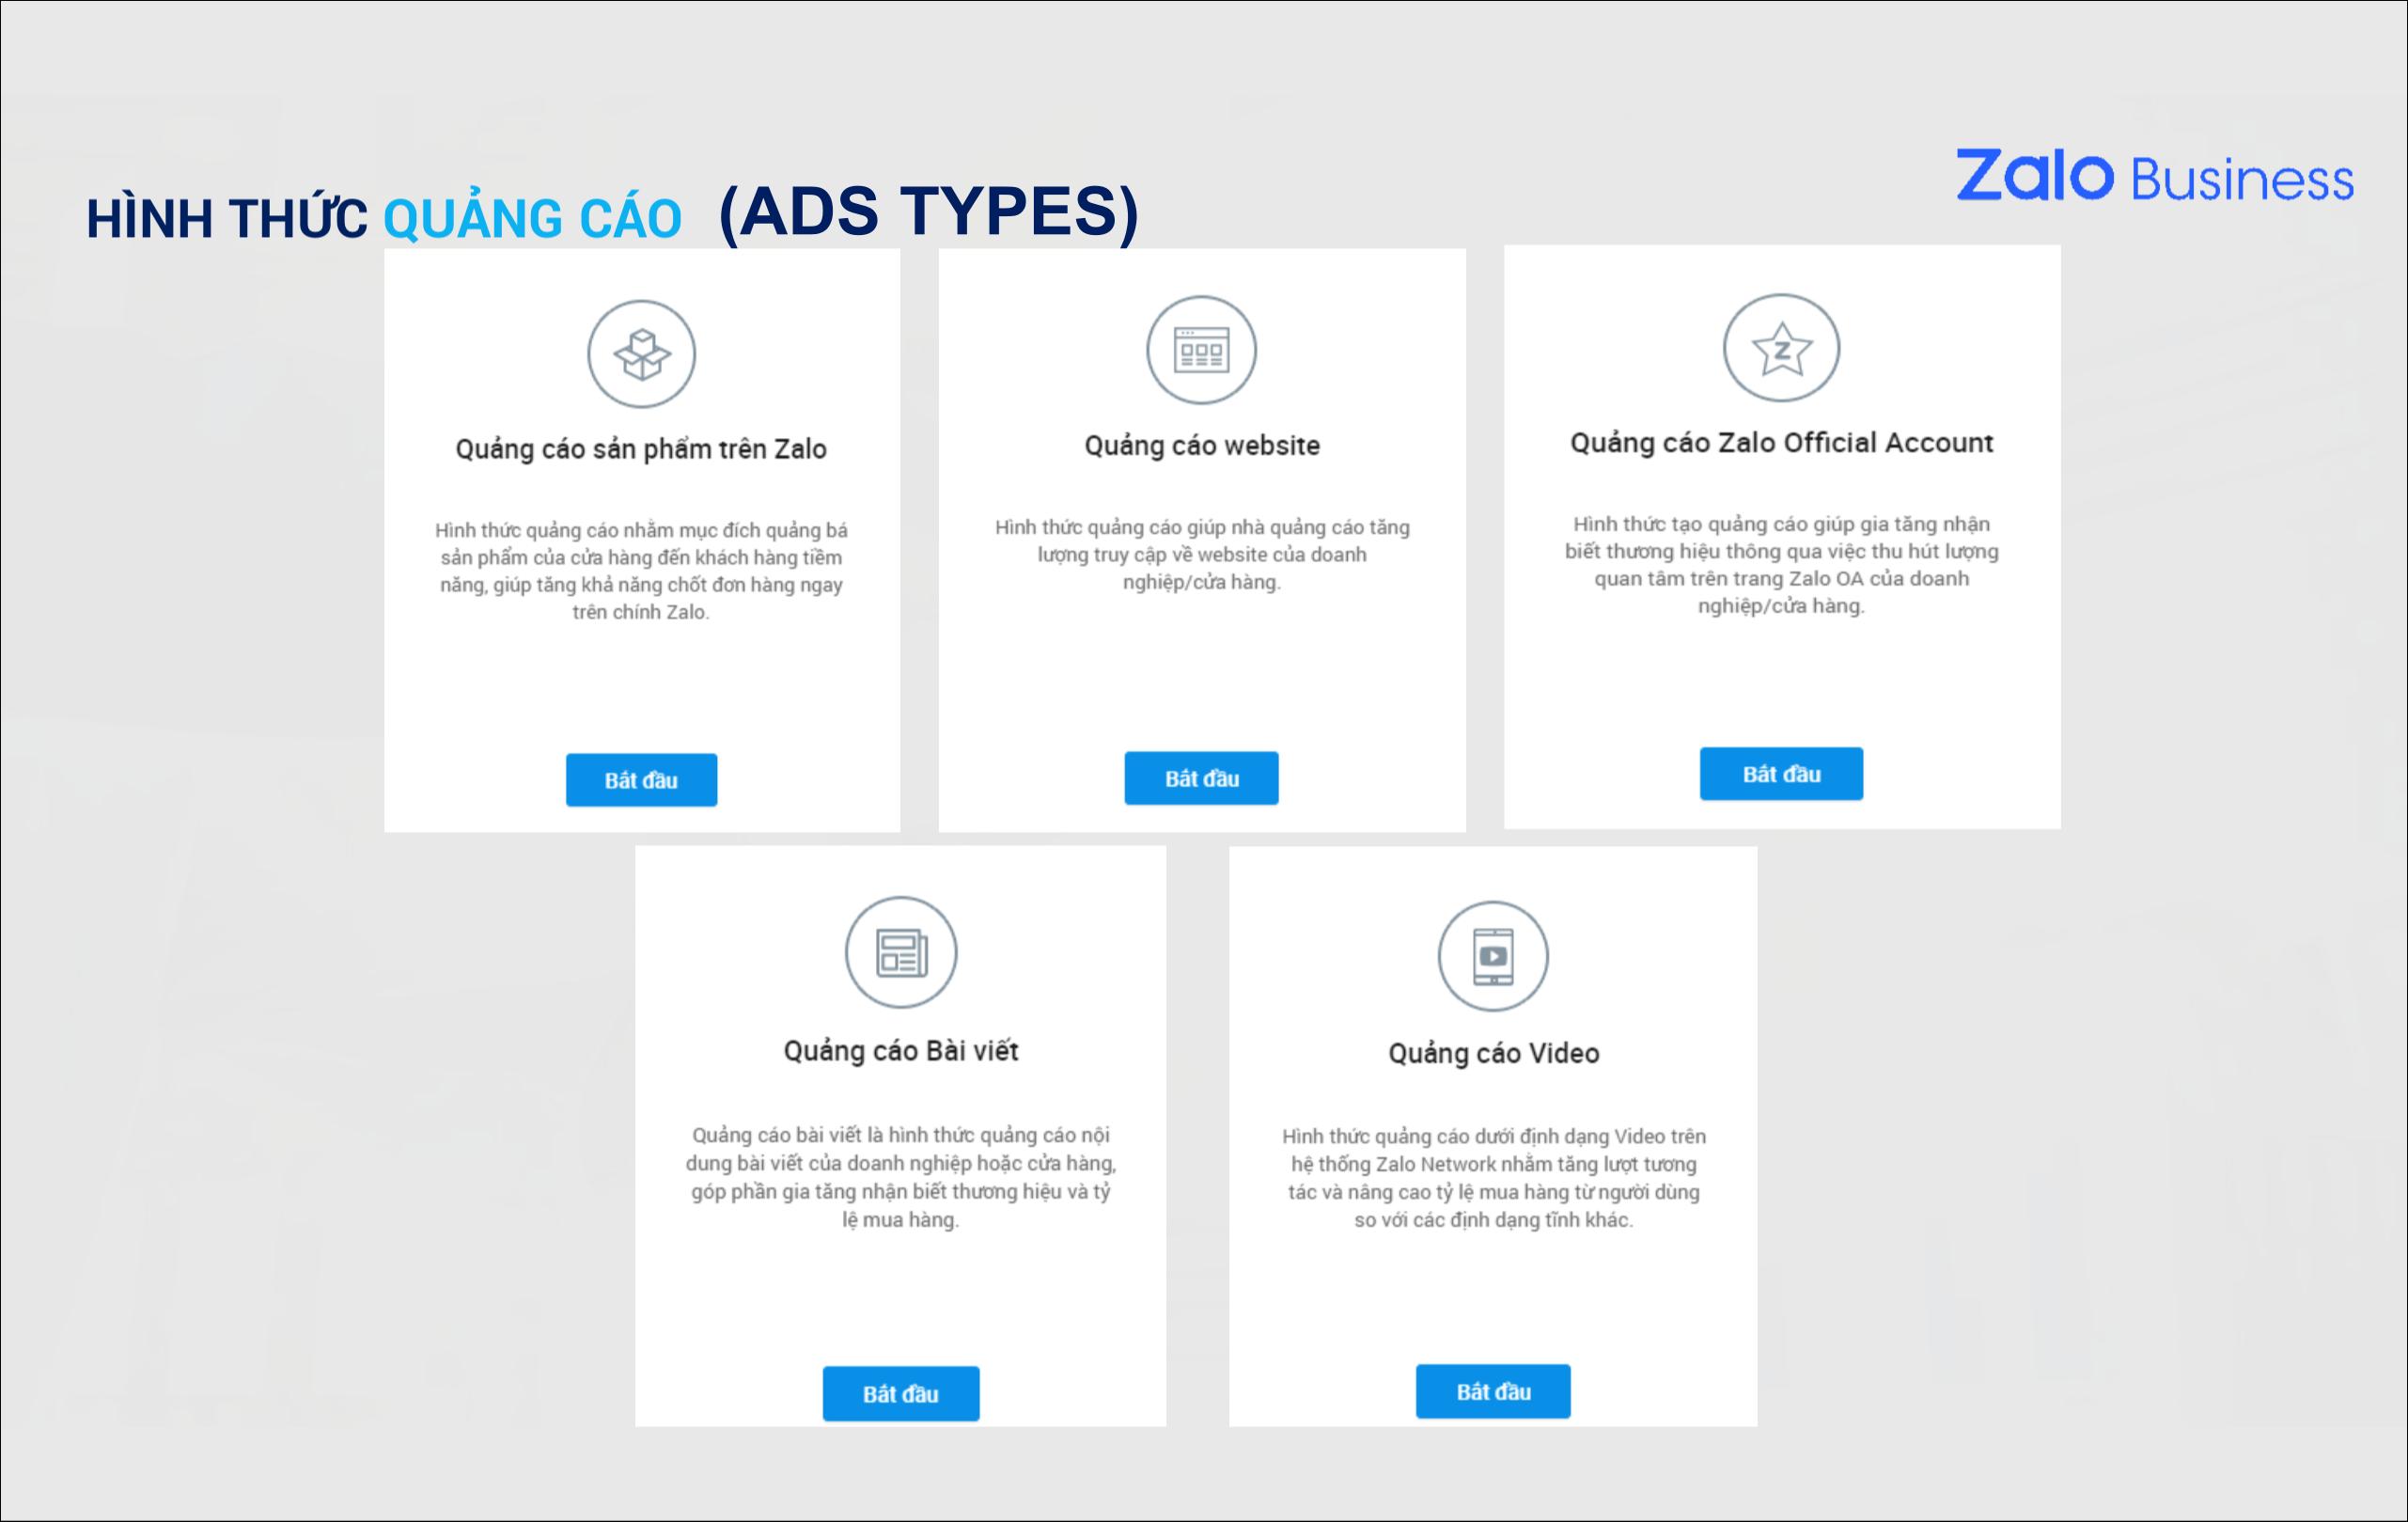 Zalo Ads Types